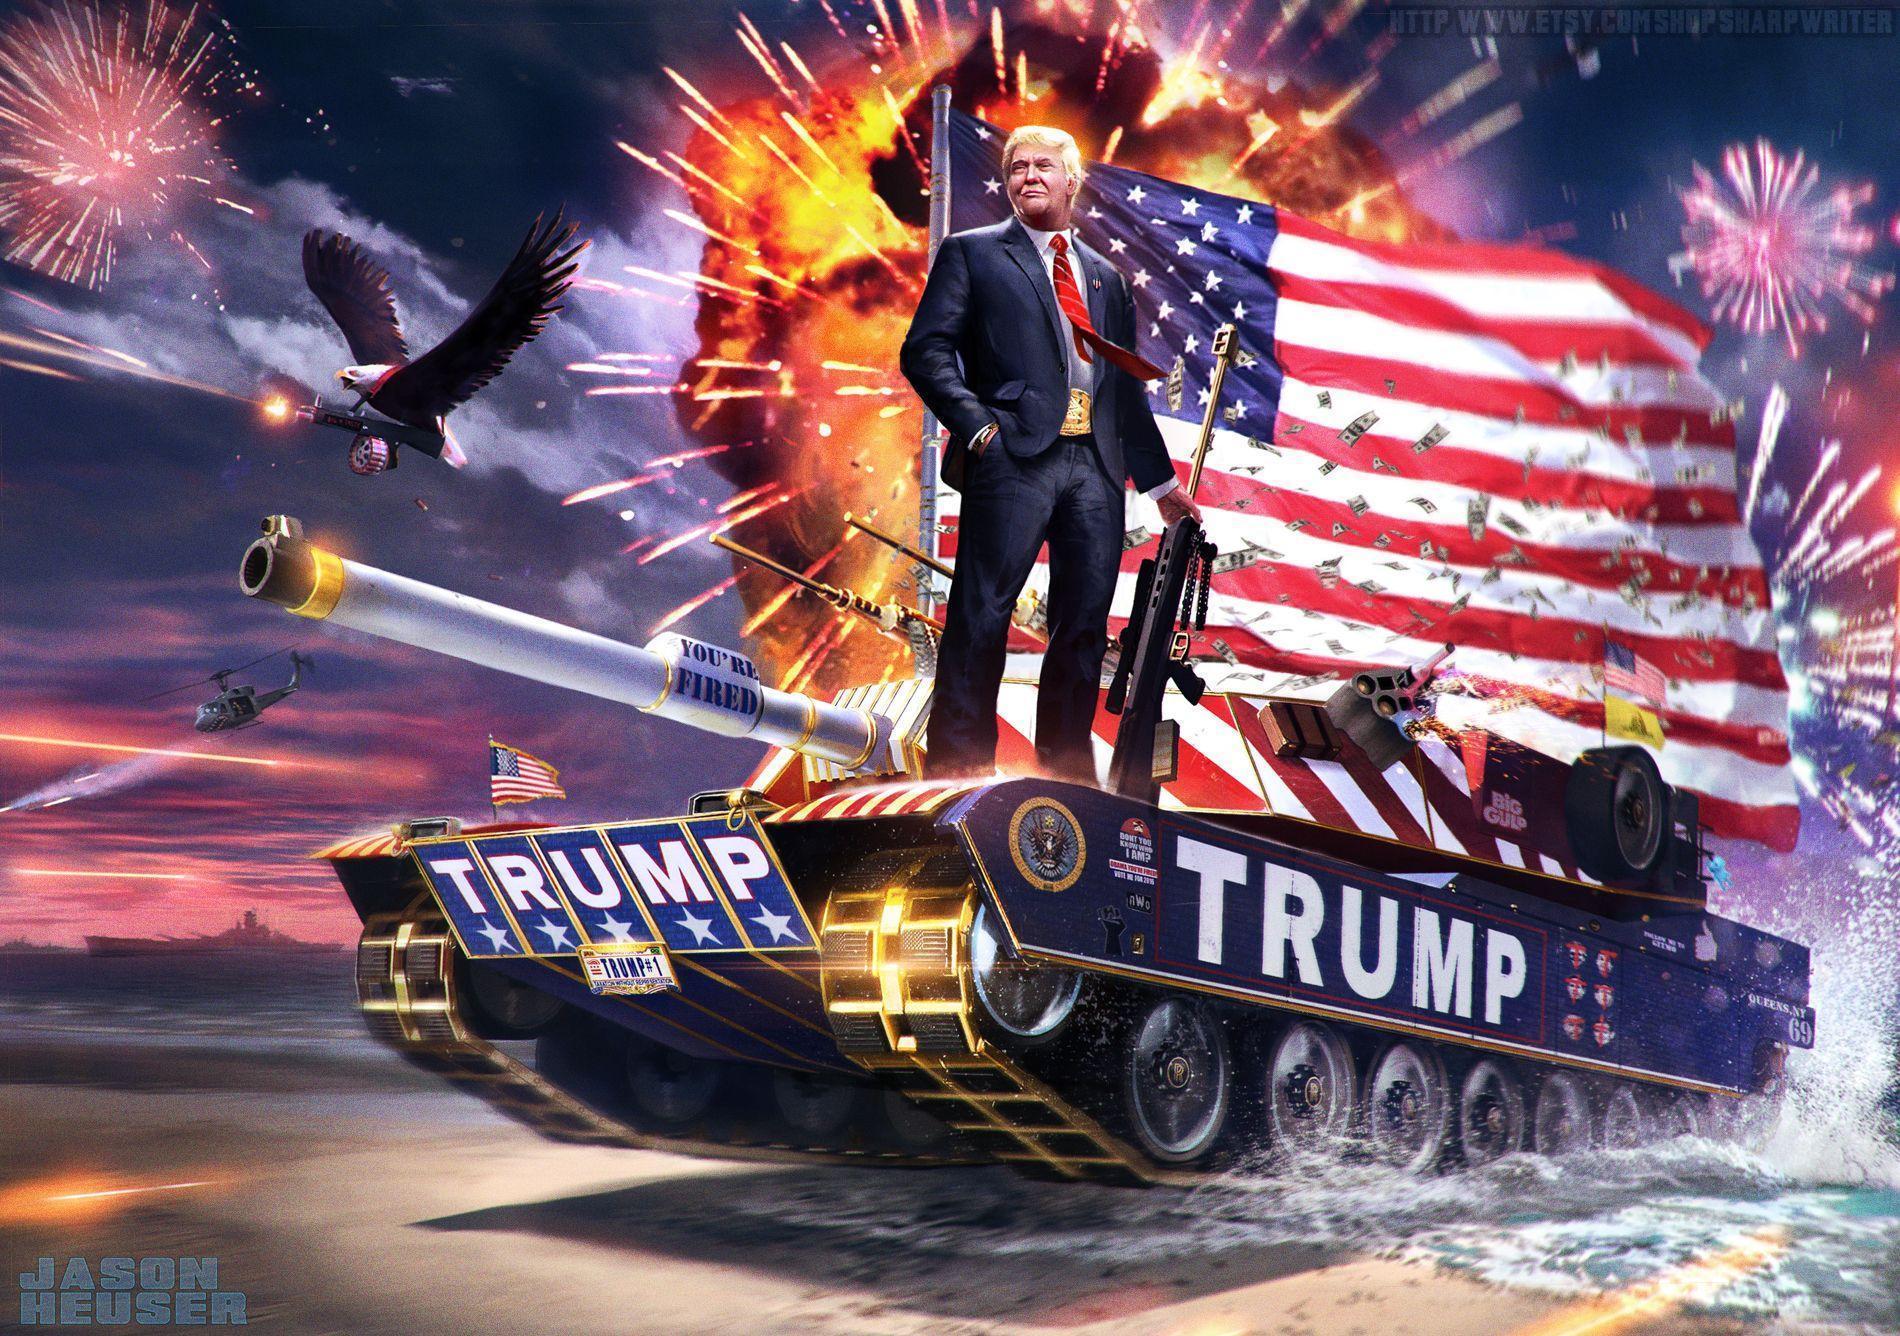 Wallpaper Clip Art 2020 Wallpaper Trump 2020 1900x1336